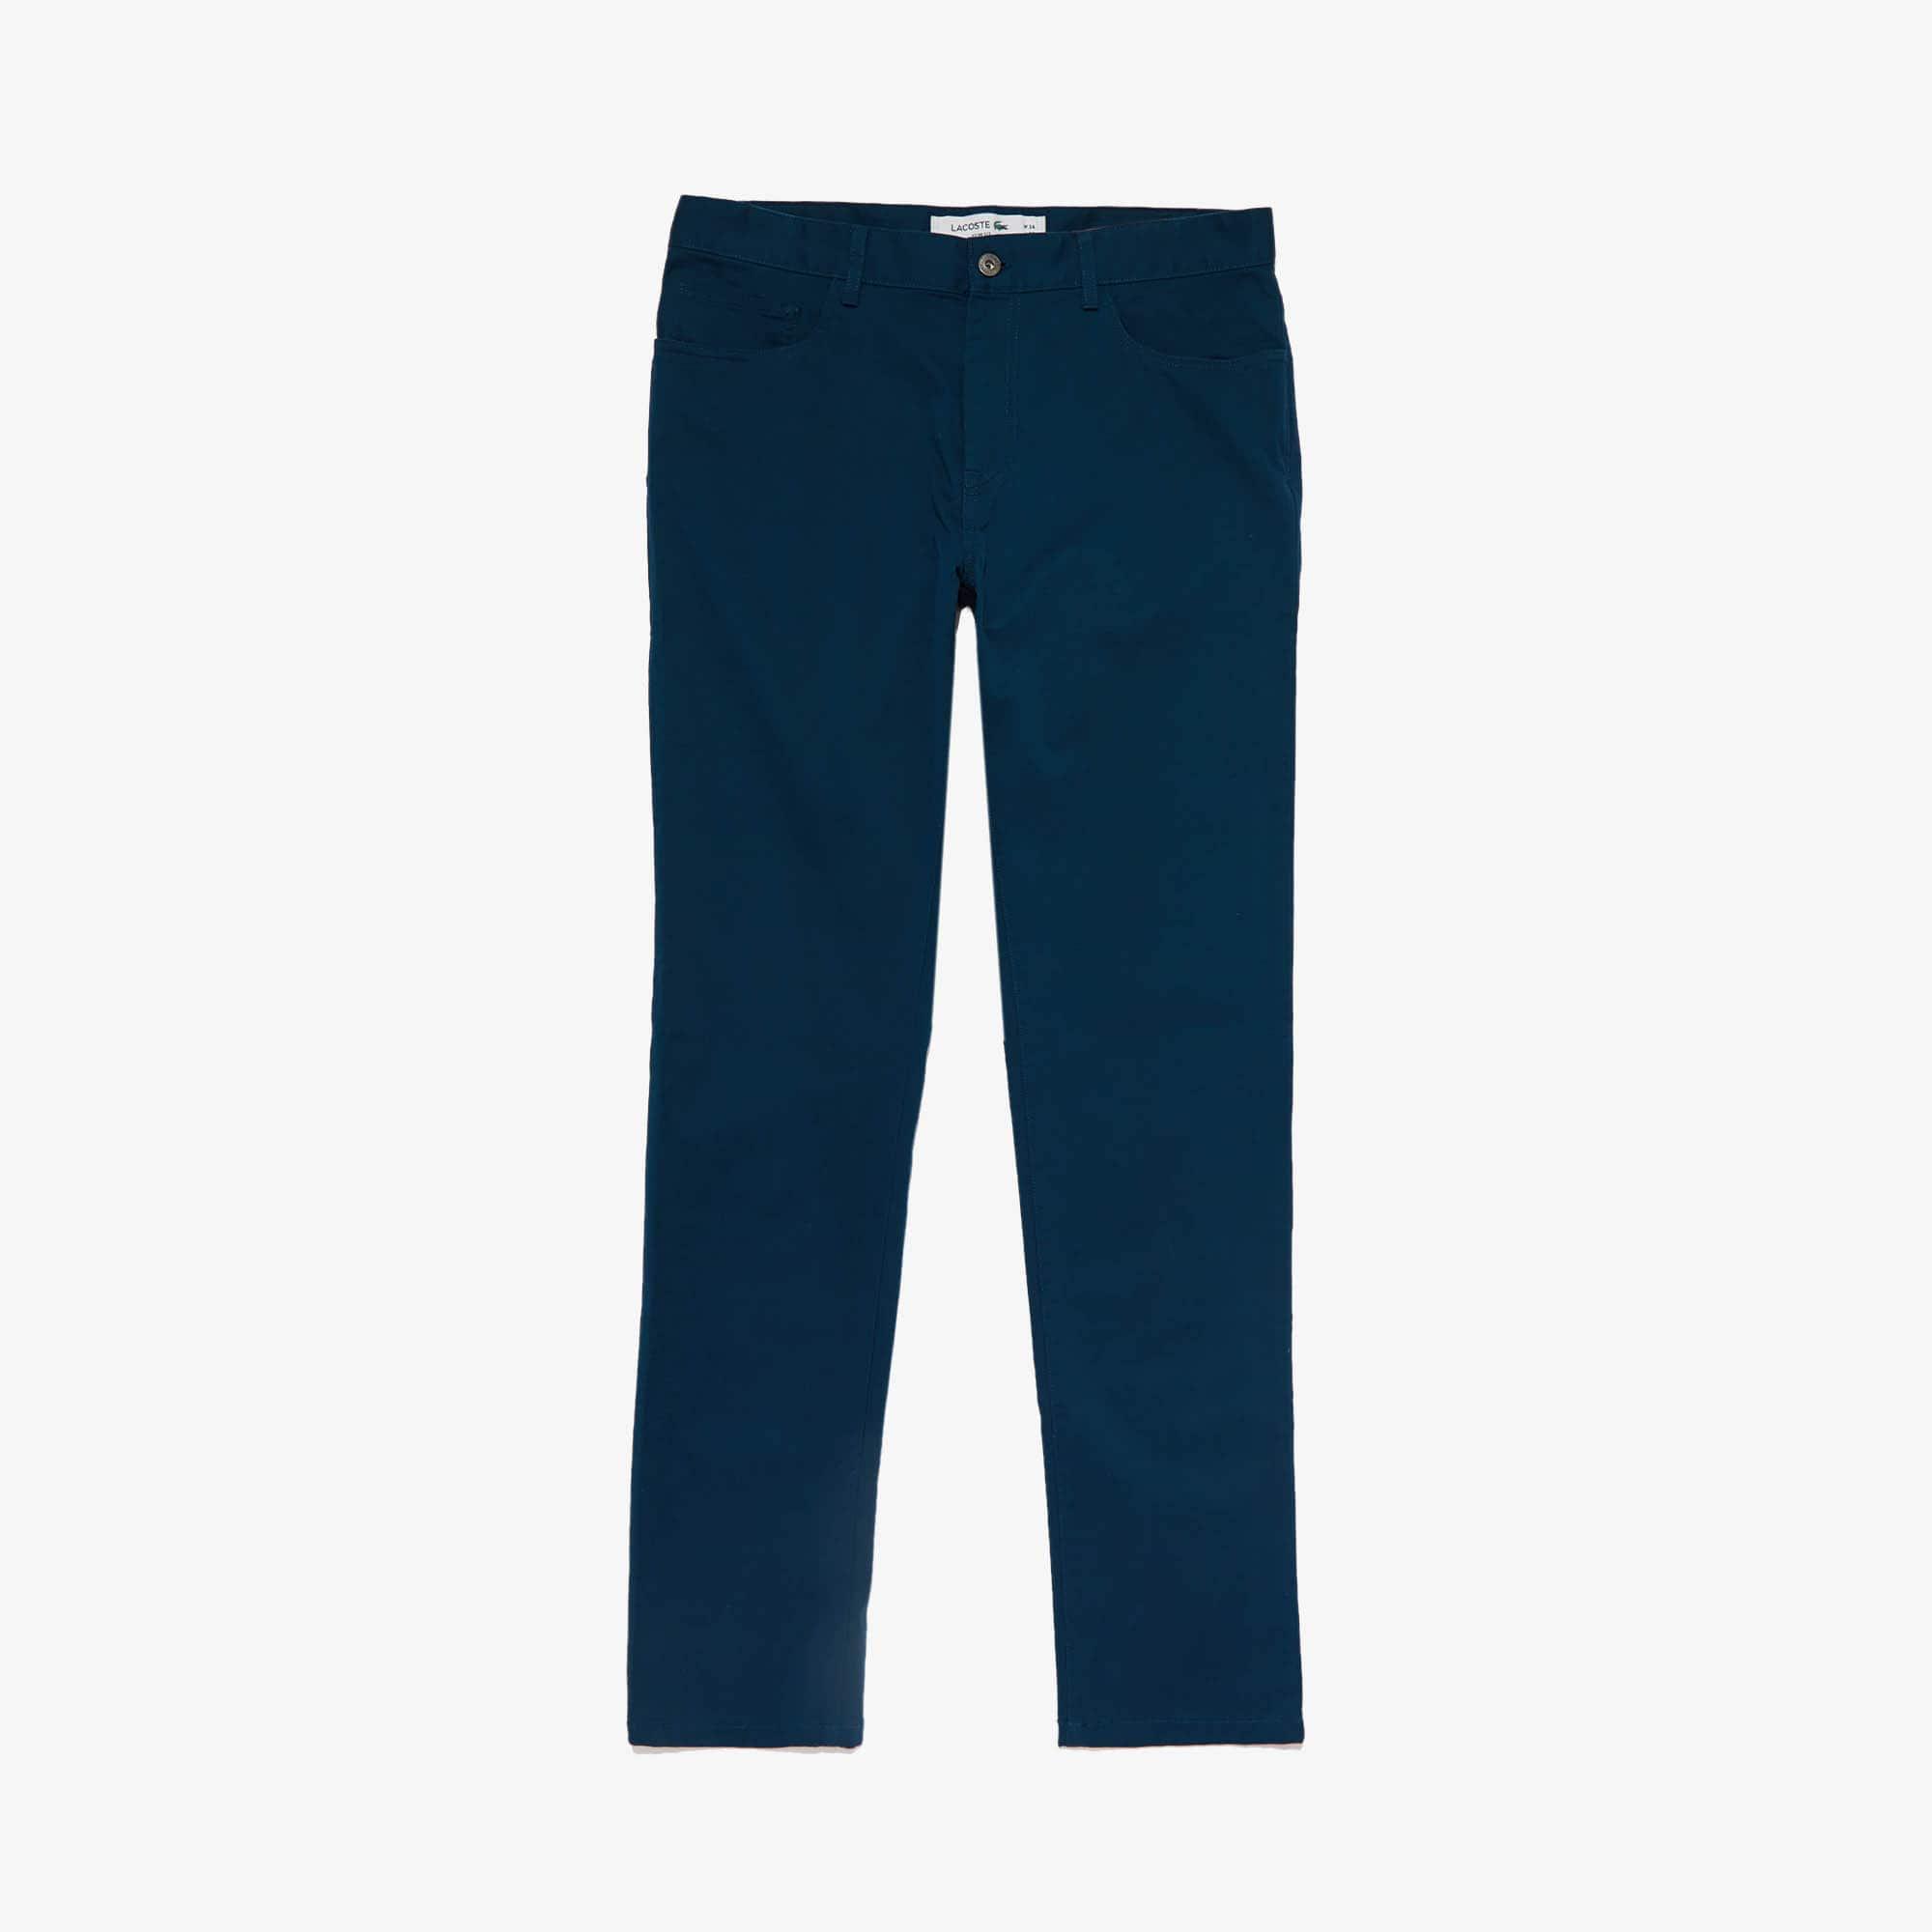 Lacoste Pants Men's Slim Fit Stretch Cotton Pants